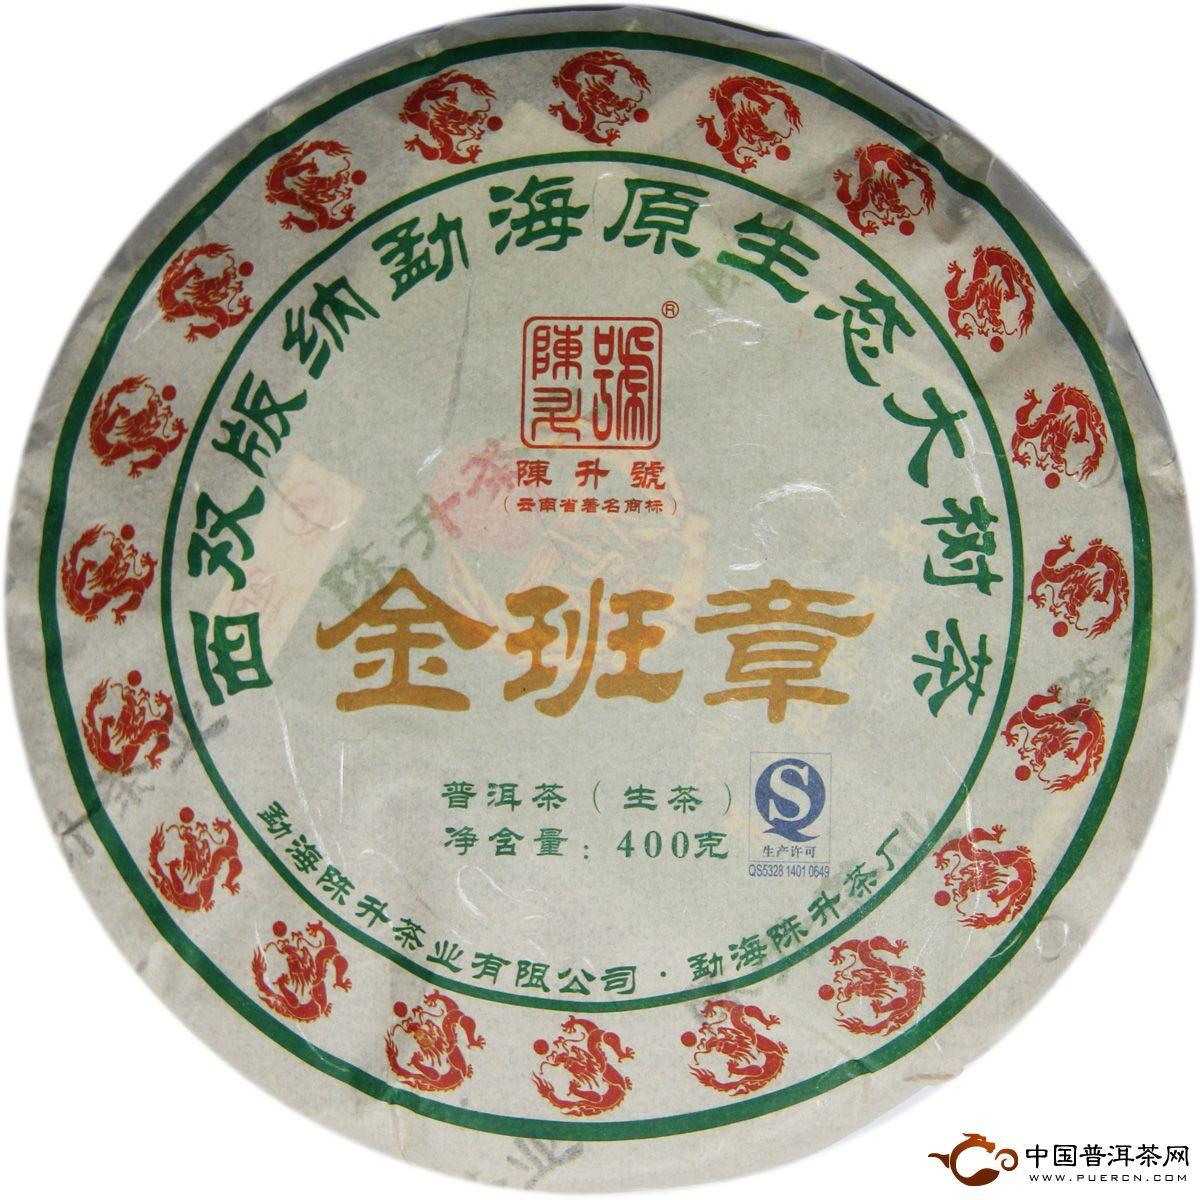 陈升号普洱茶金班章